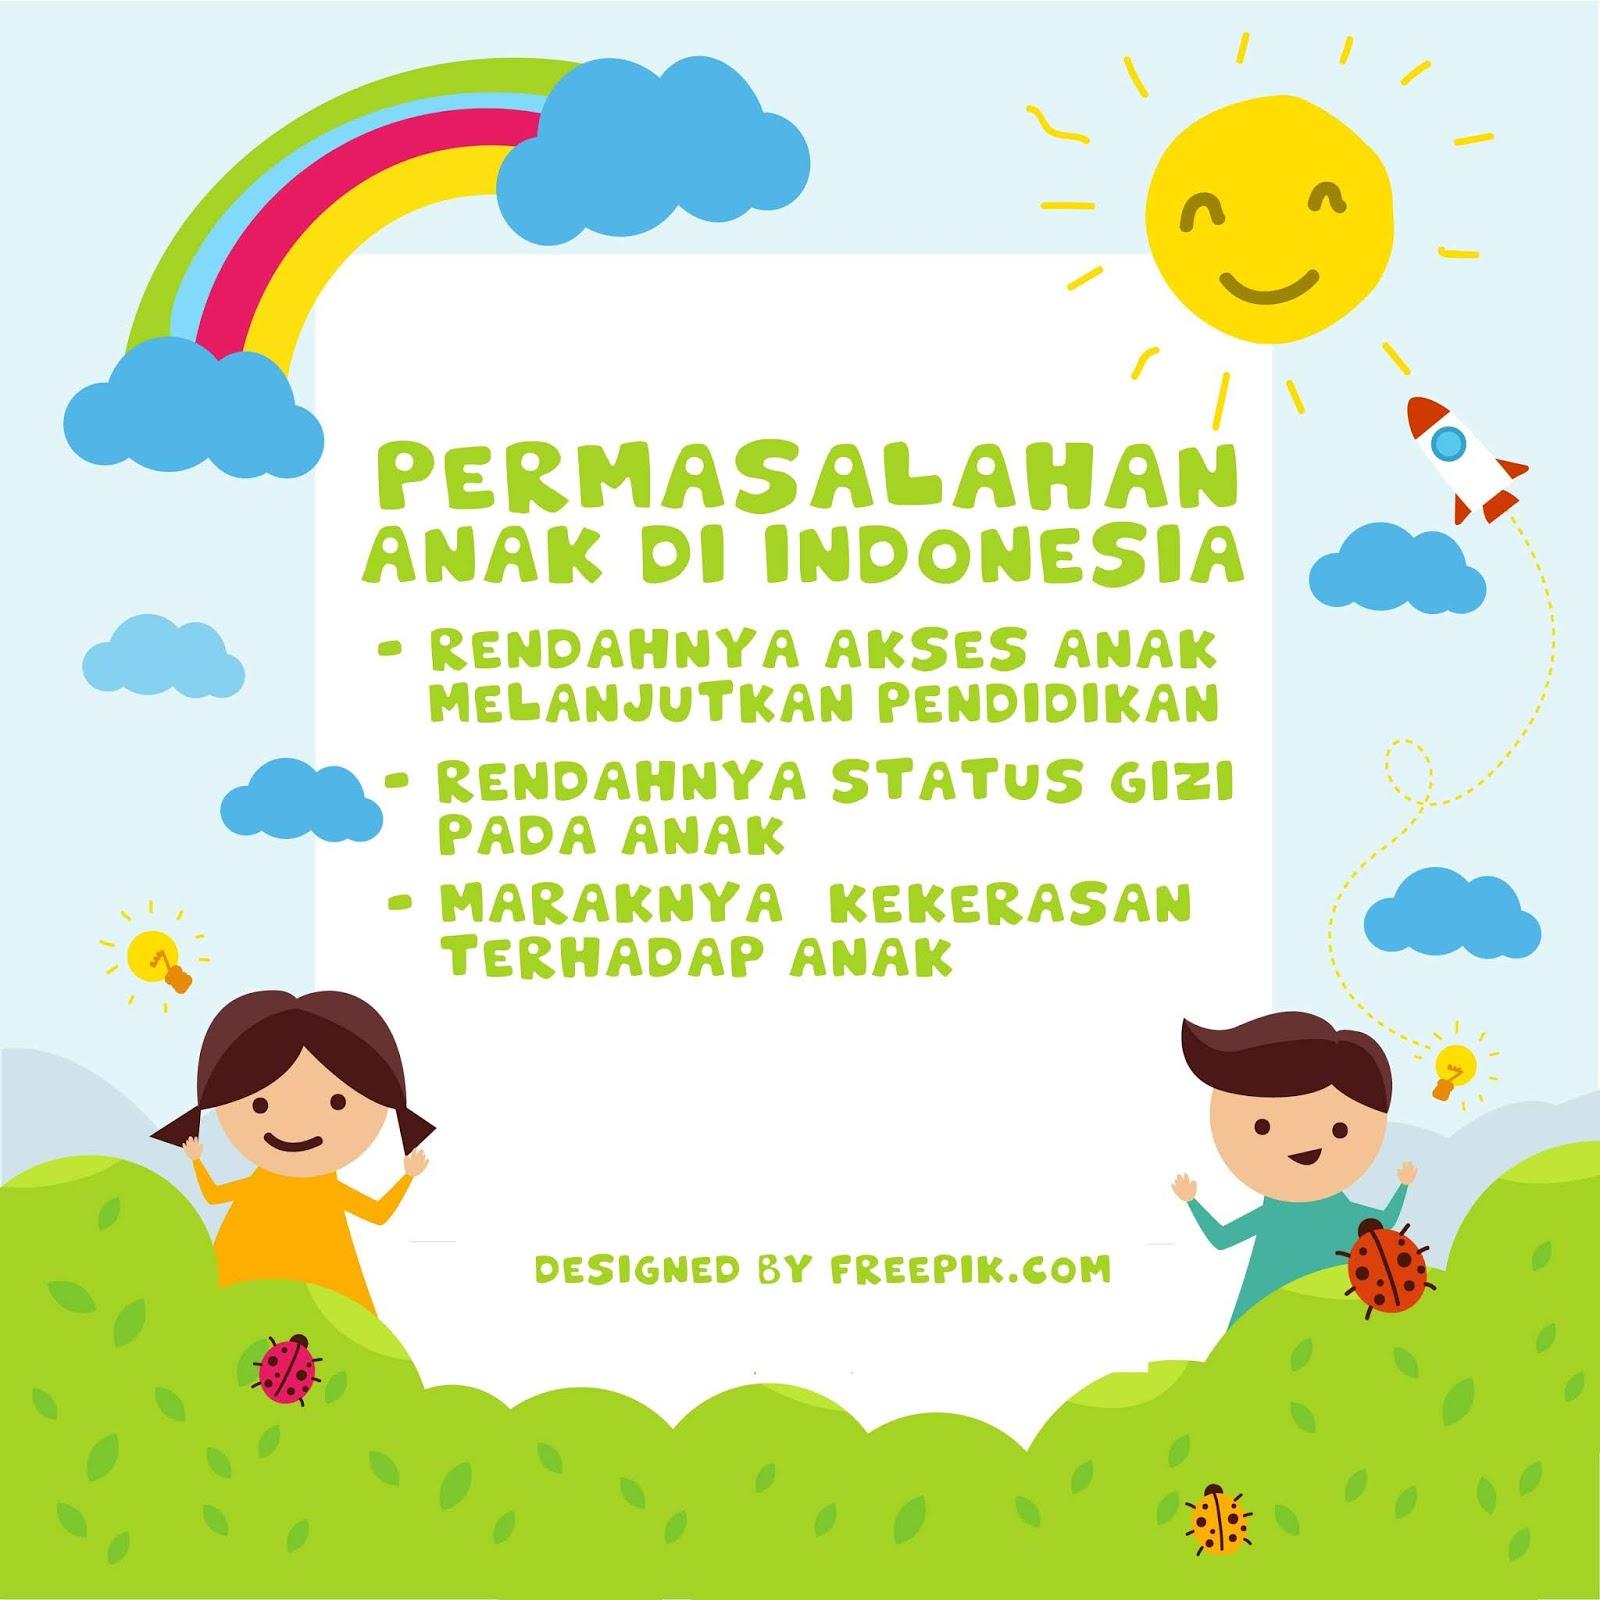 Permasalahan Anak di Indonesia